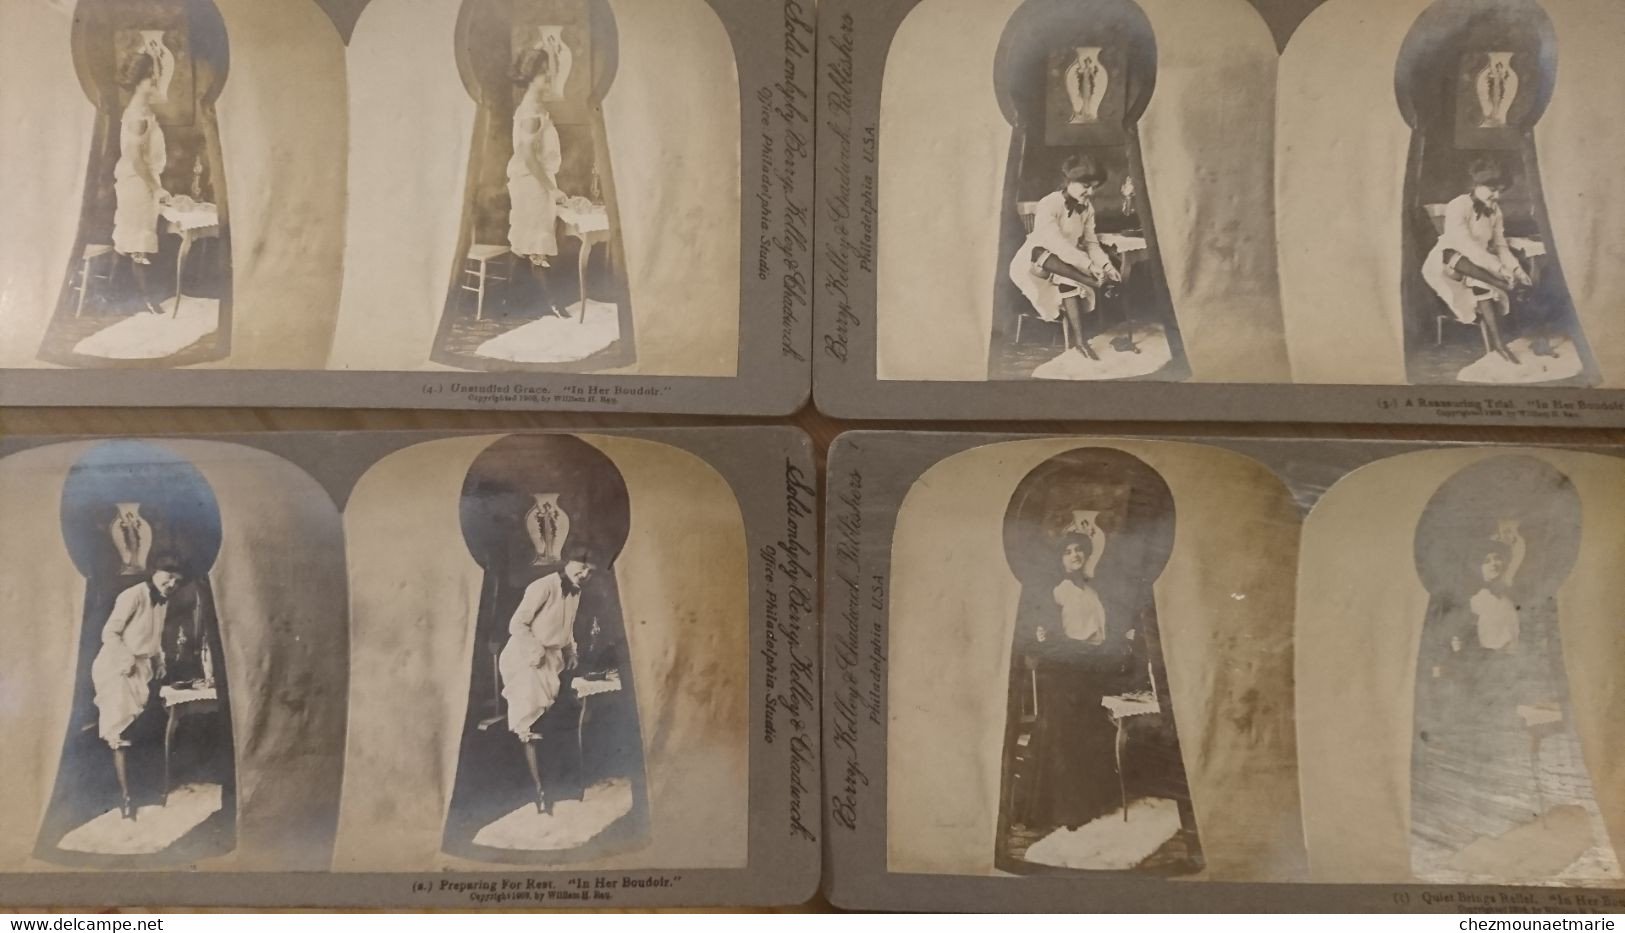 FEMME SE DESHABILLANT DANS LE BOUDOIR VUE A TRAVERS LA SERRURE - LOT DE 5 PHOTOS STEREO BERRY KELLEY PHILADELPHIE - Stereoscopio